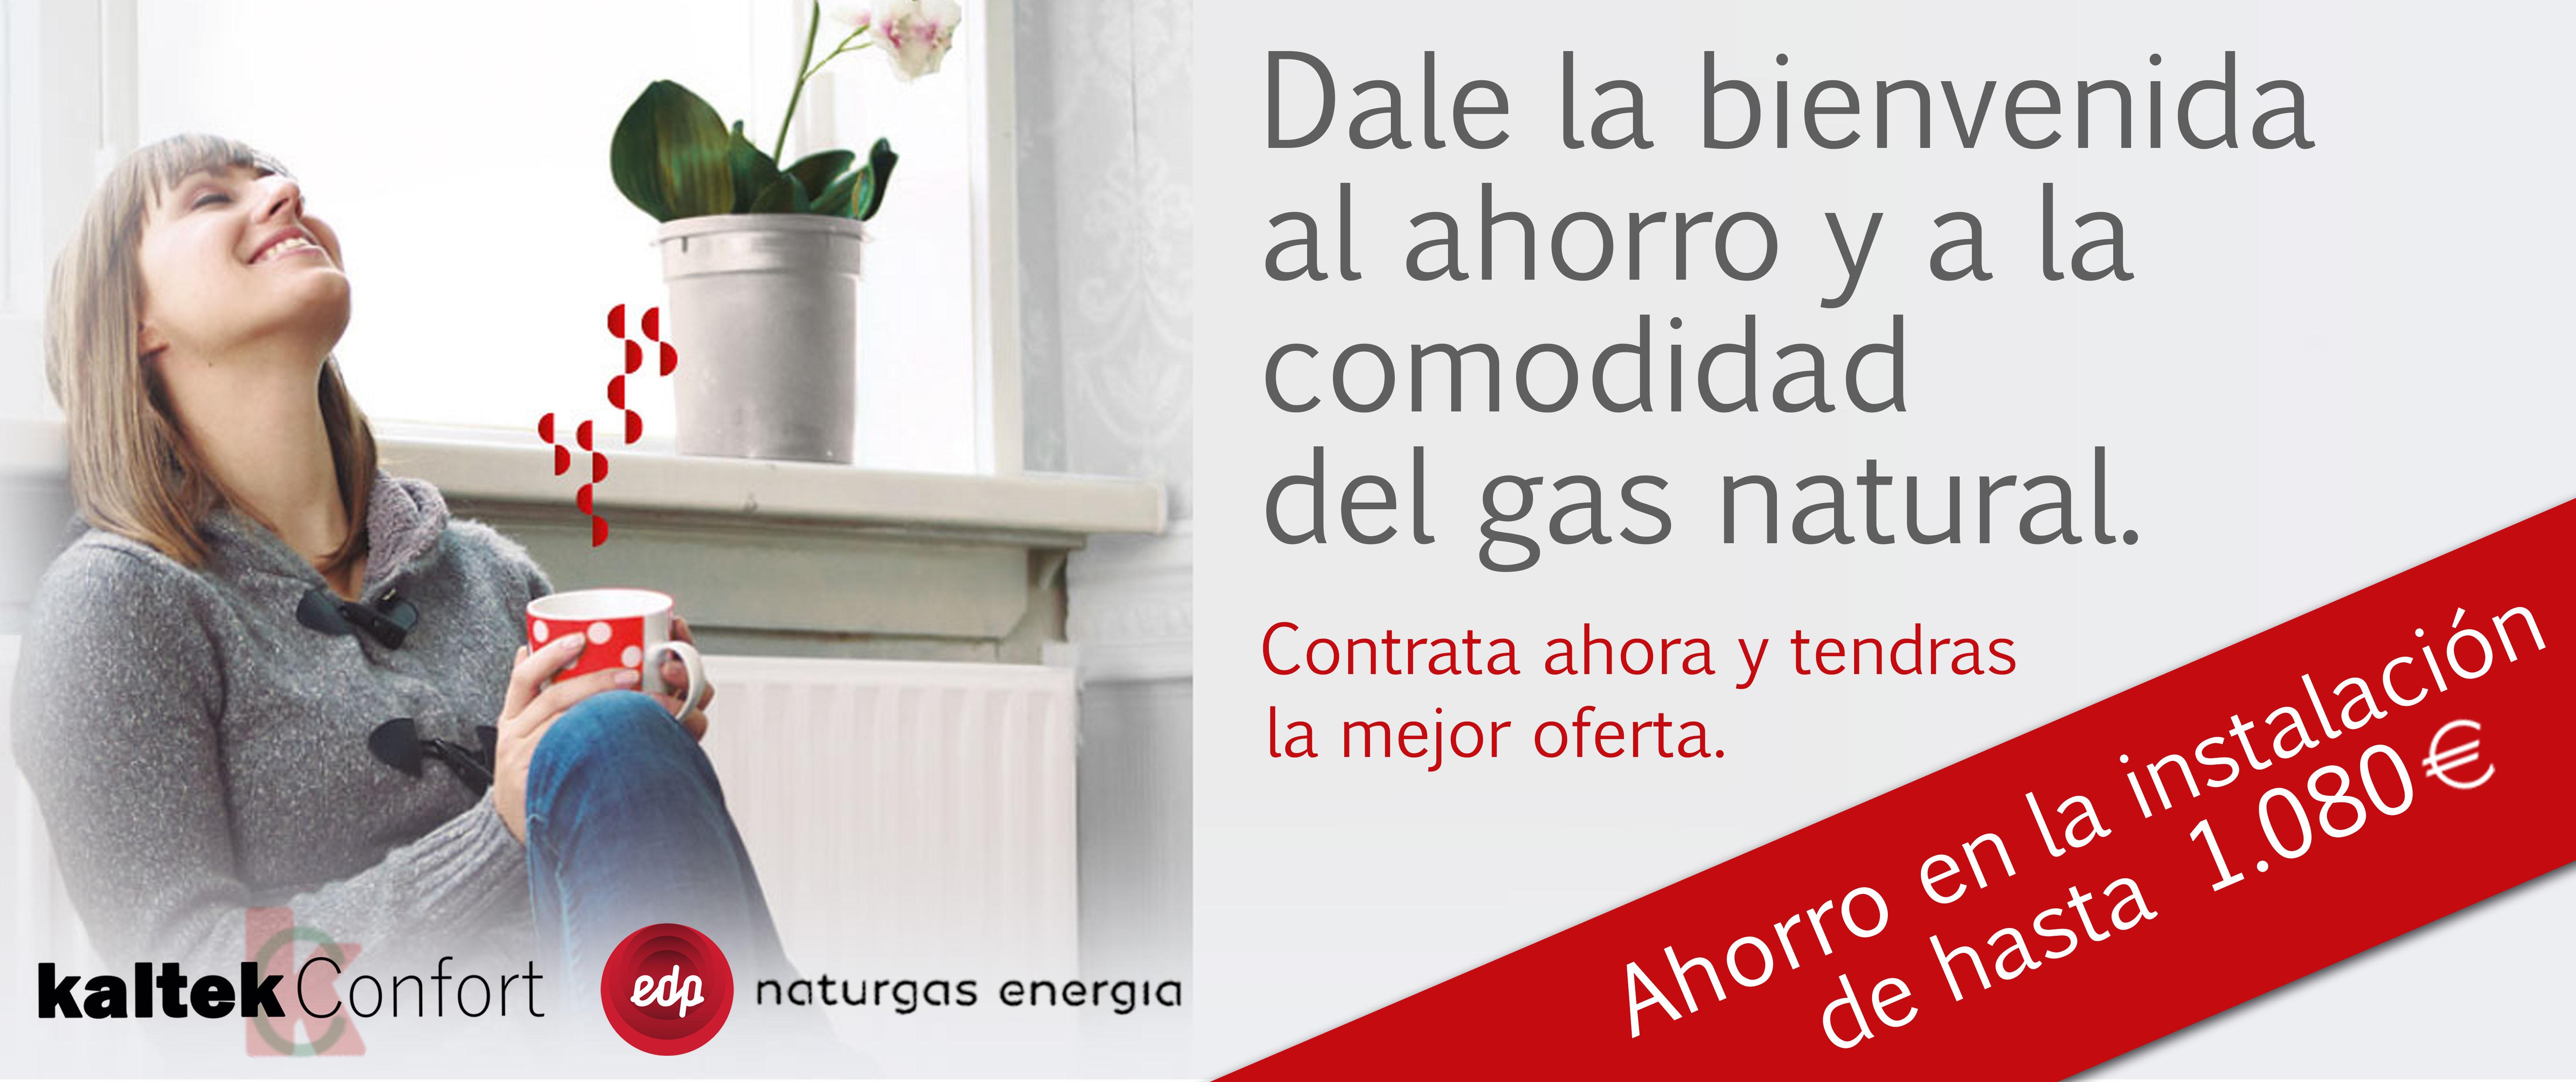 Kaltek confort calefacci n gas y fontaner a en bizkaia - Ahorro calefaccion gas ...